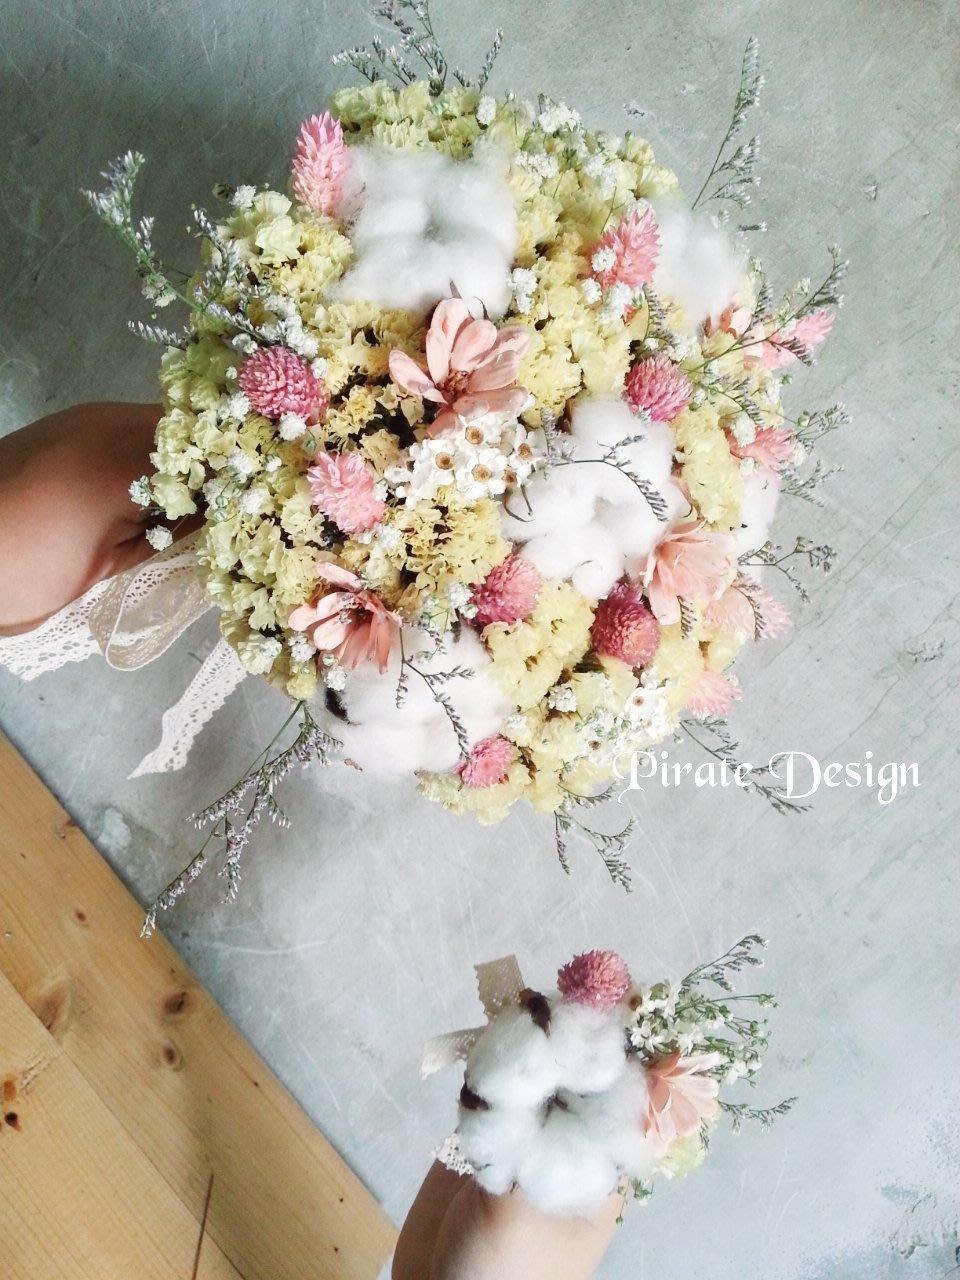 ❤°海藏設計 Pirate Design°❤達芙妮的甜蜜。黃白粉嫩乾燥花捧花,自然風乾燥花。花束。花圈頭圈。新娘捧花製作